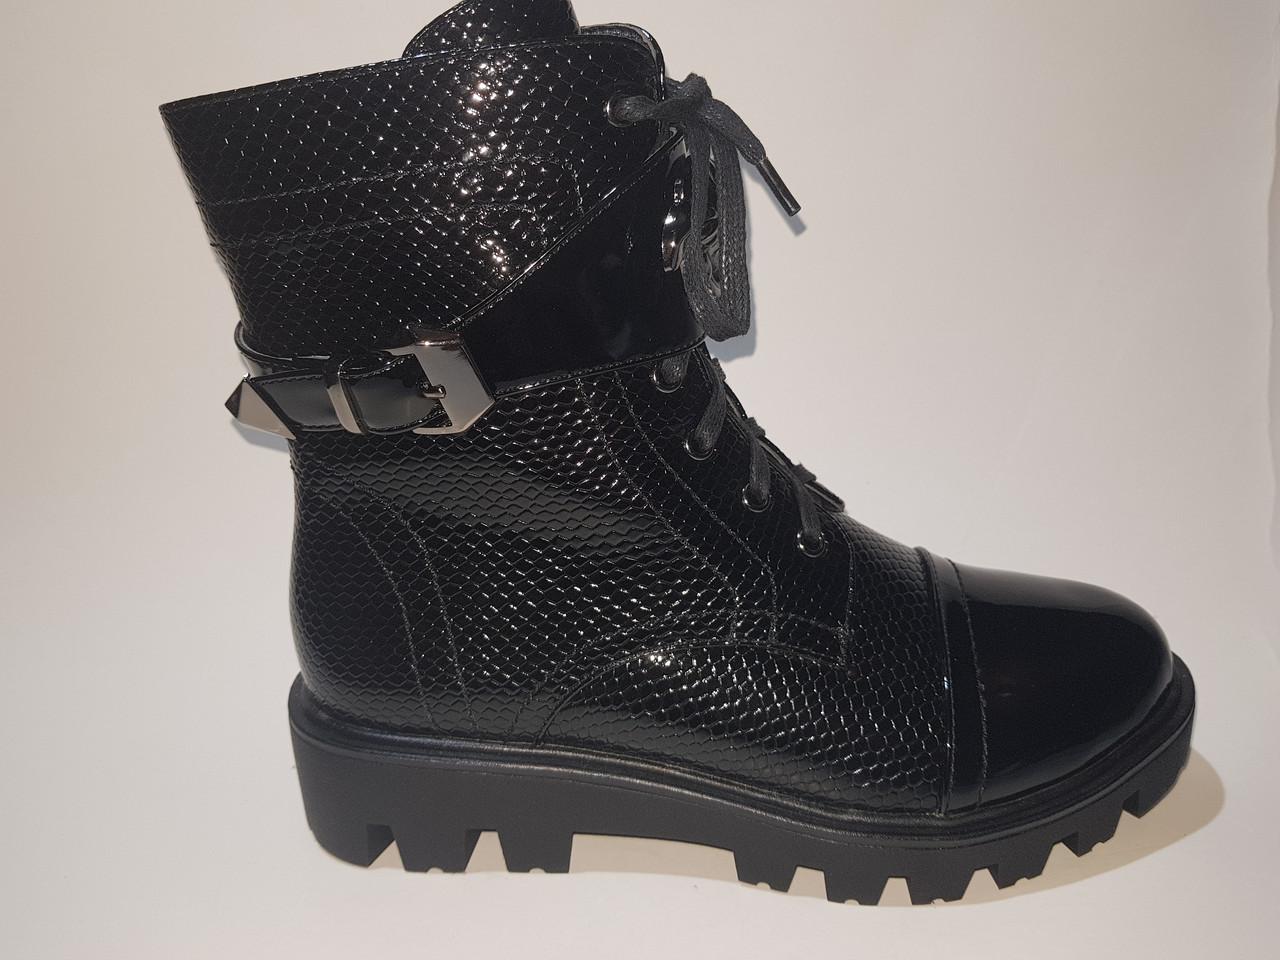 65037d6c4 Стильные весенние ботинки на девочку 34 - 38 размеры: продажа, цена ...